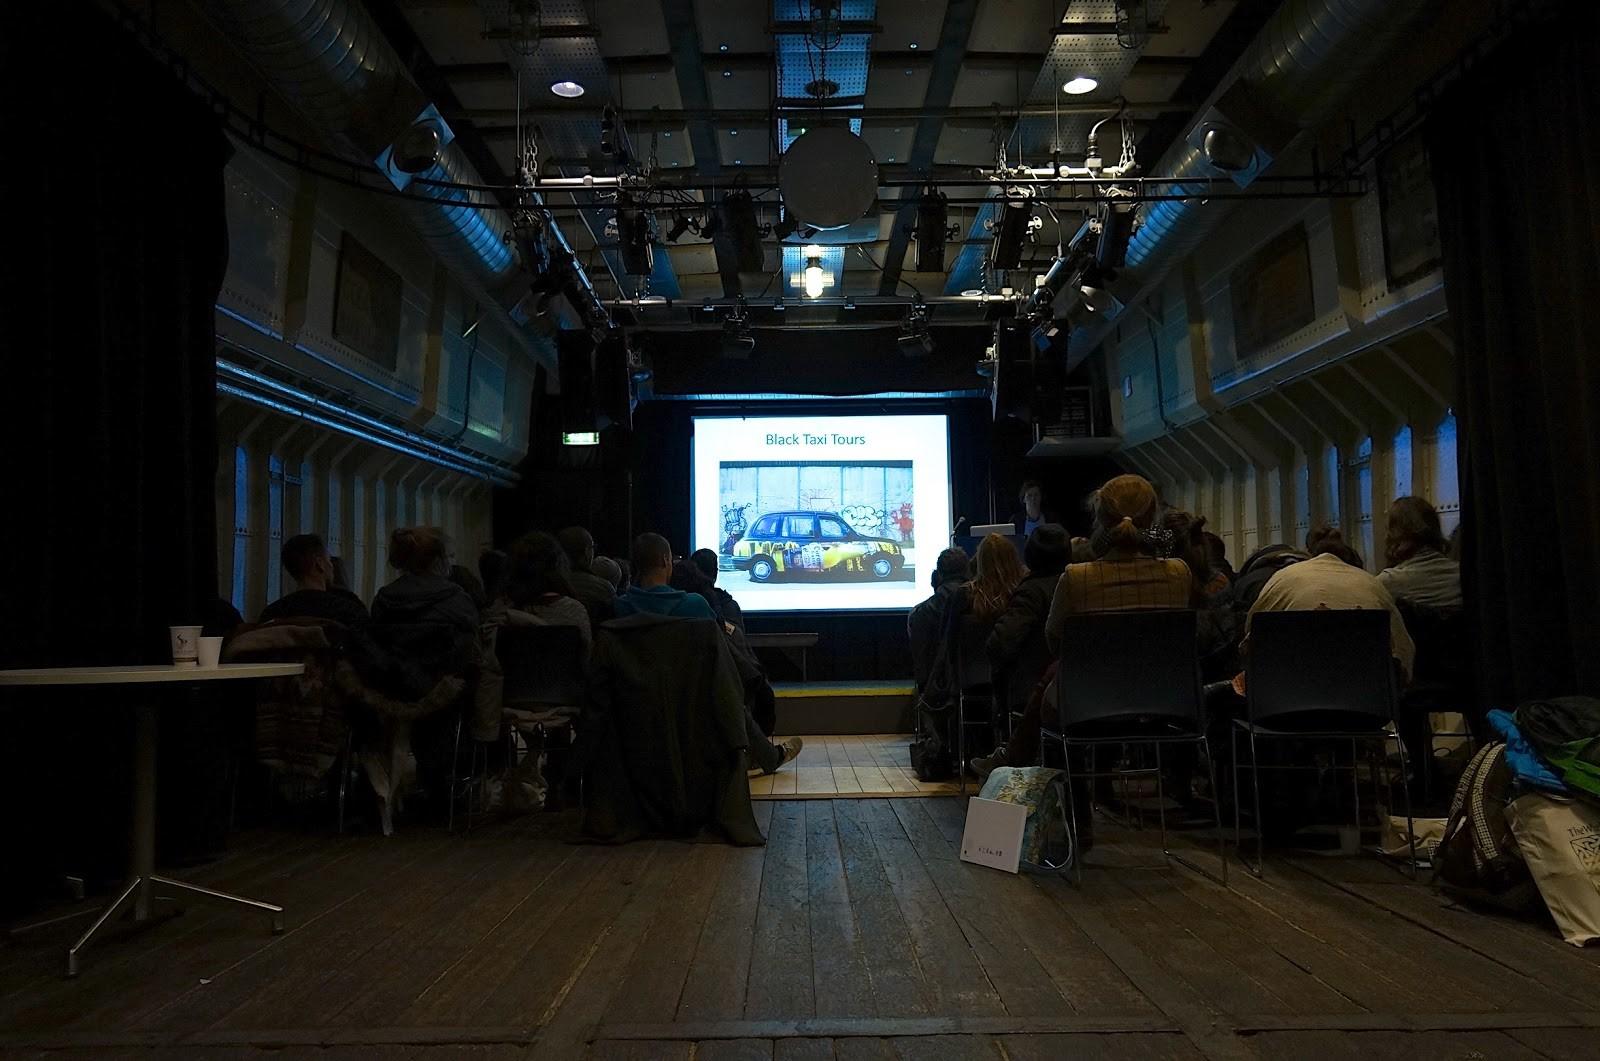 Clémence Lehec, 2016, Conférence sur le tourisme à Belfast, Belfast Barge.